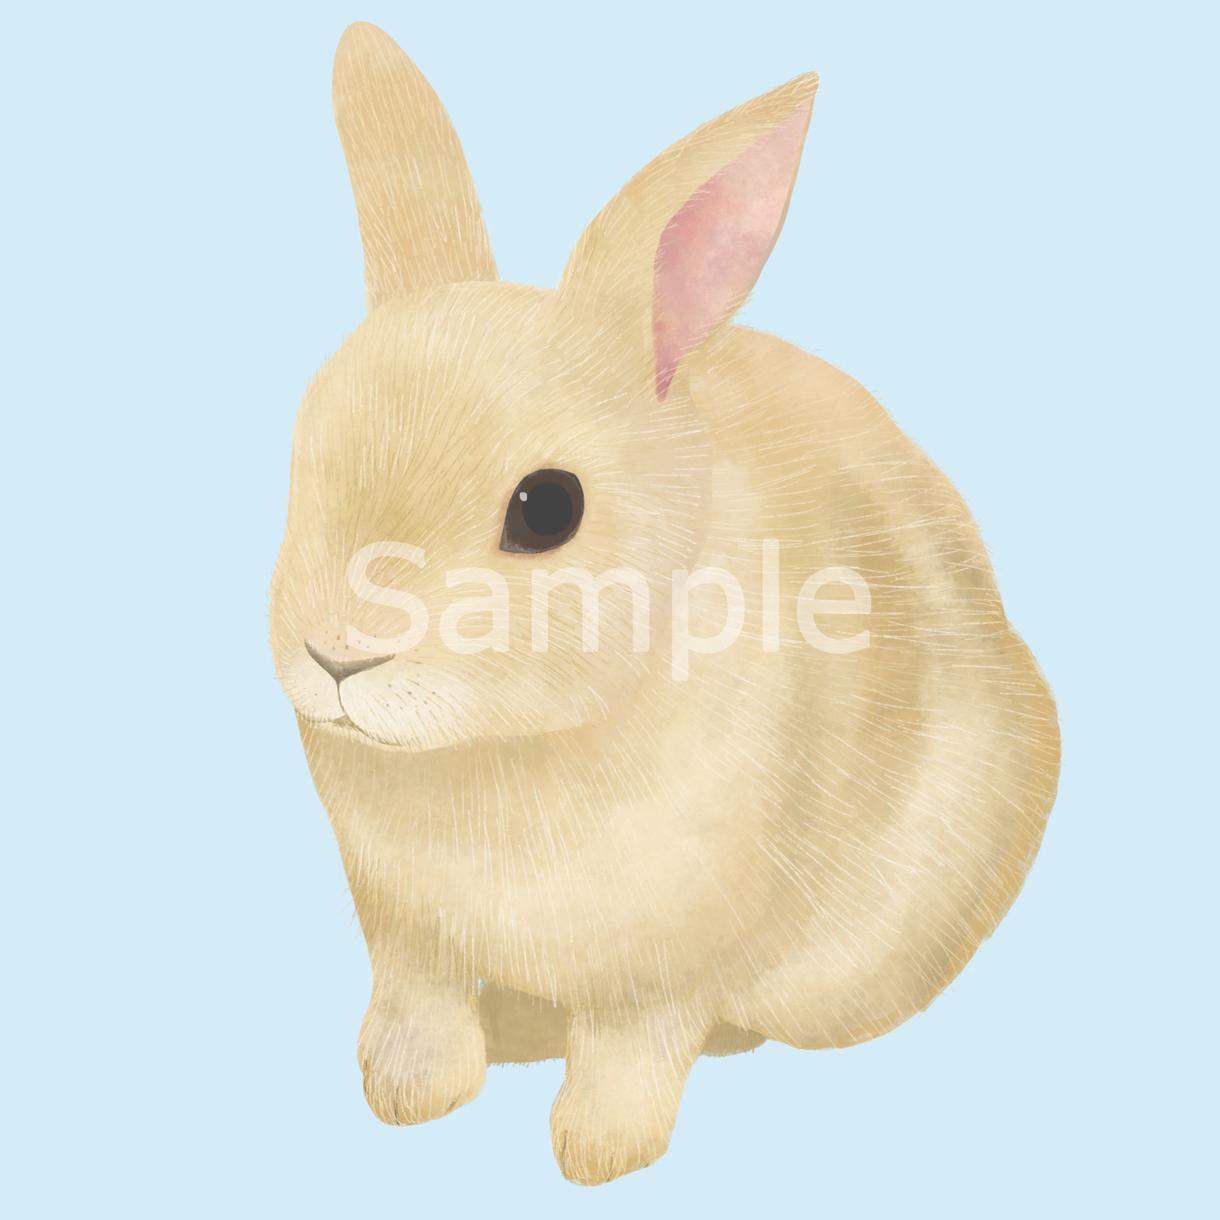 動物のイラストを水彩画風の優しいタッチで制作します ~挿絵やアイコン、プレゼントなどに~ イメージ1